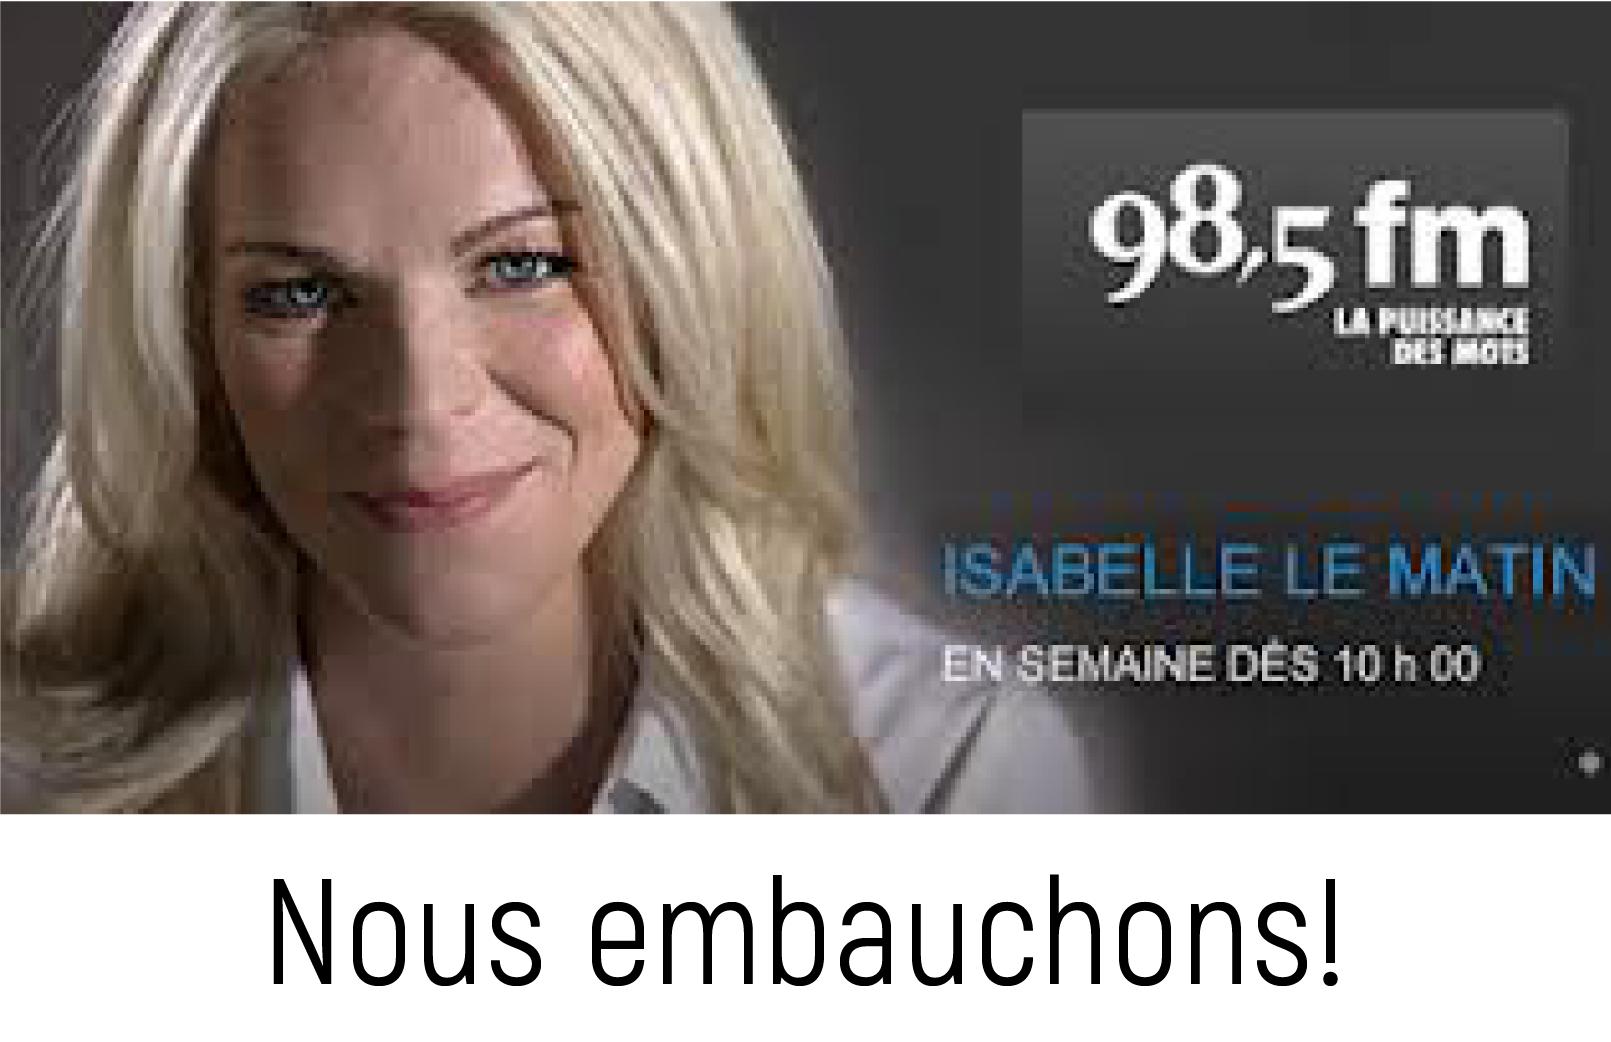 Isabelle Marechal 98,5 fm le matin - Annonce nous embauchons!